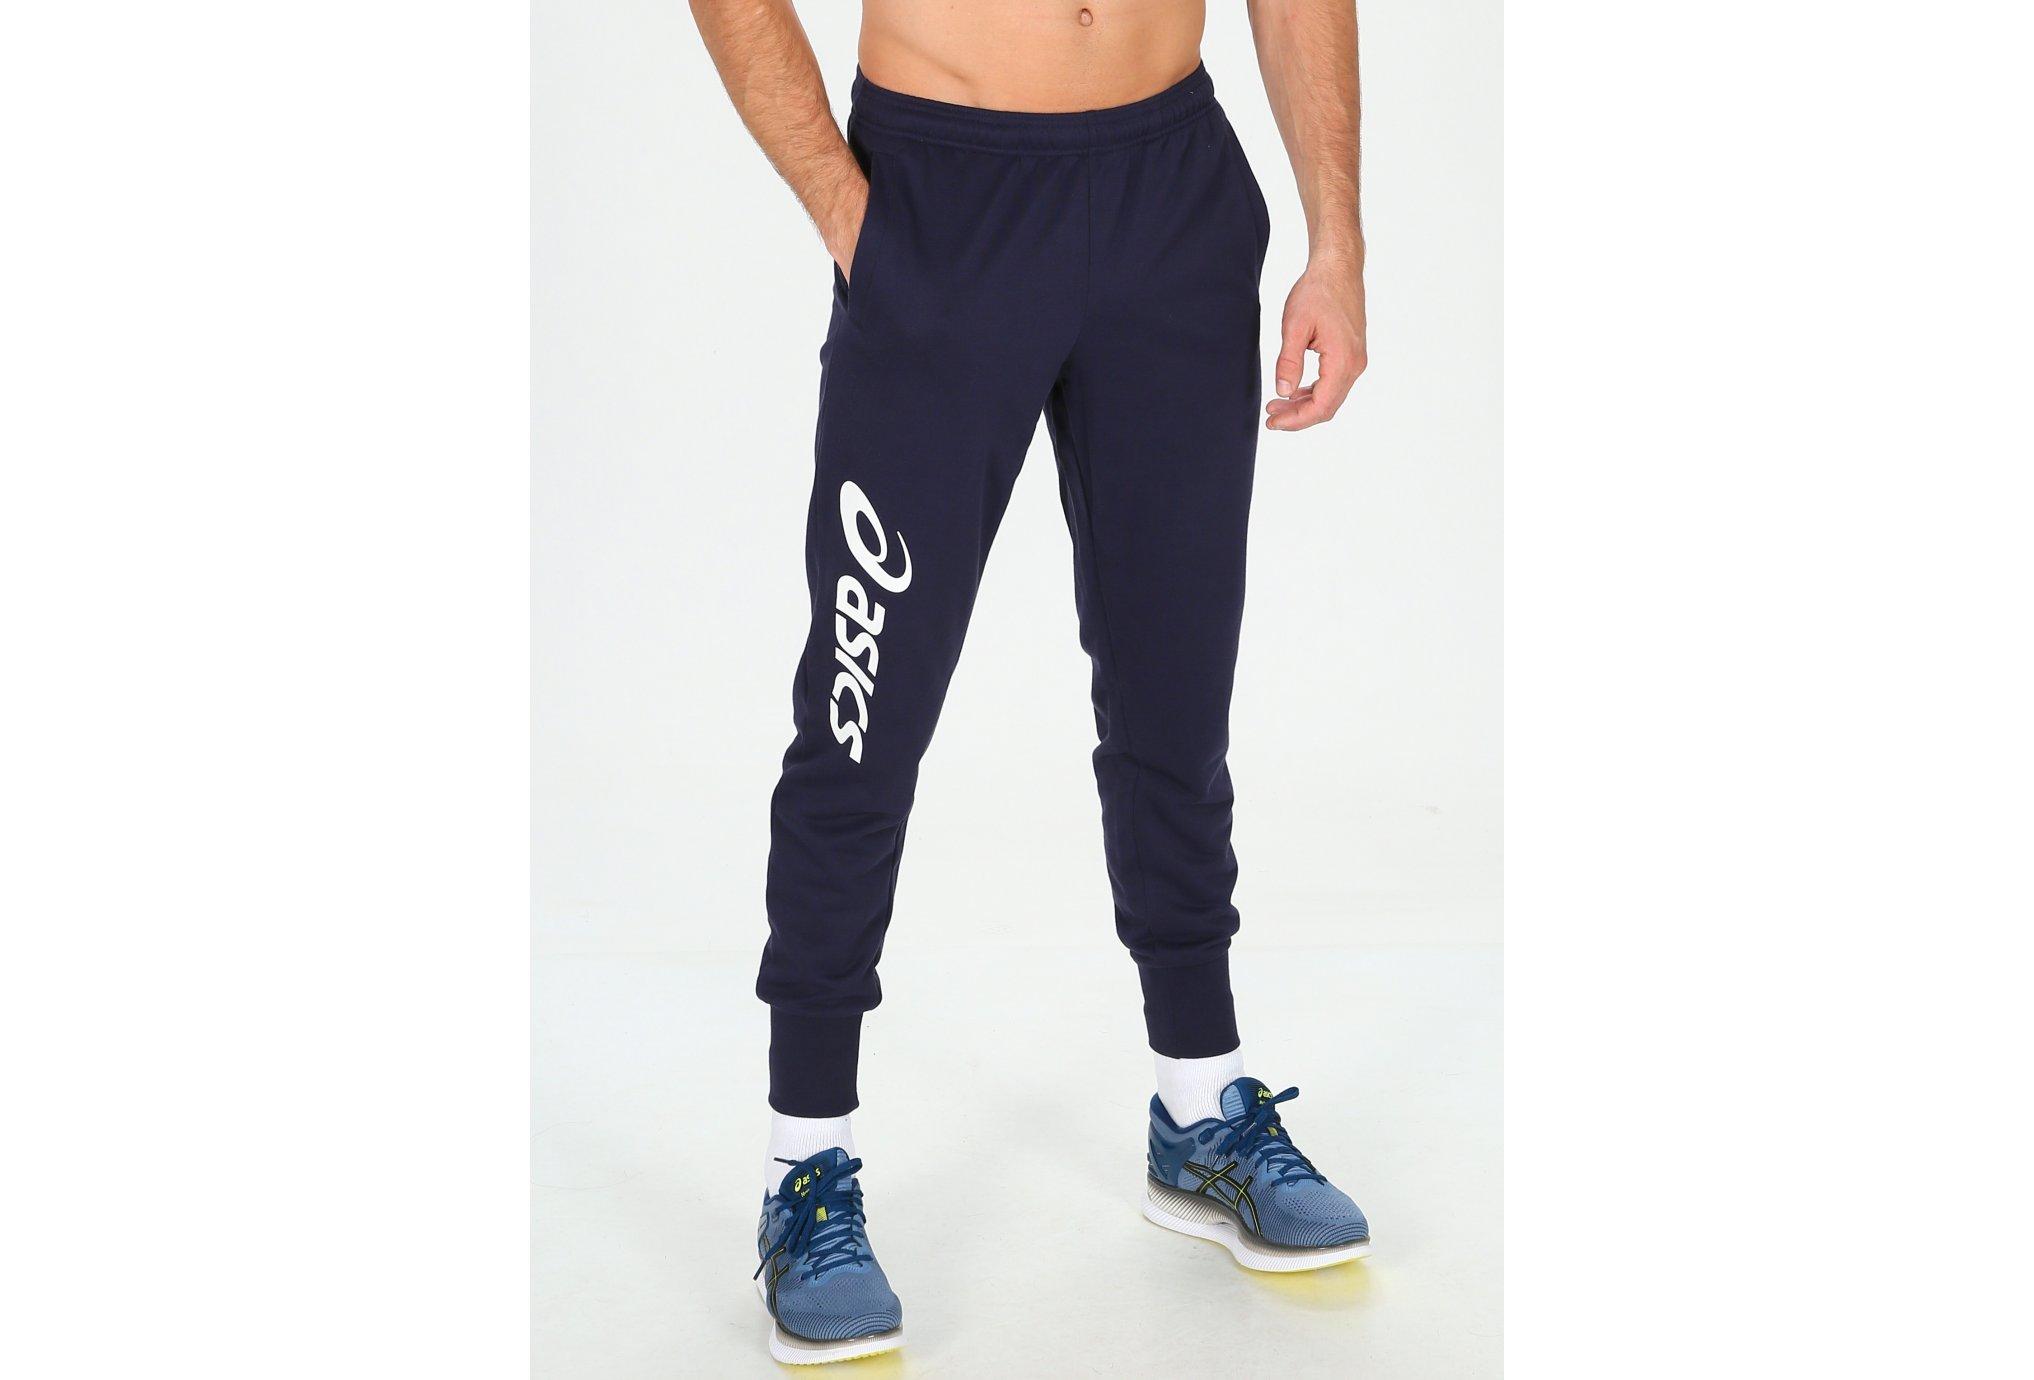 Asics Styled Knit M vêtement running homme